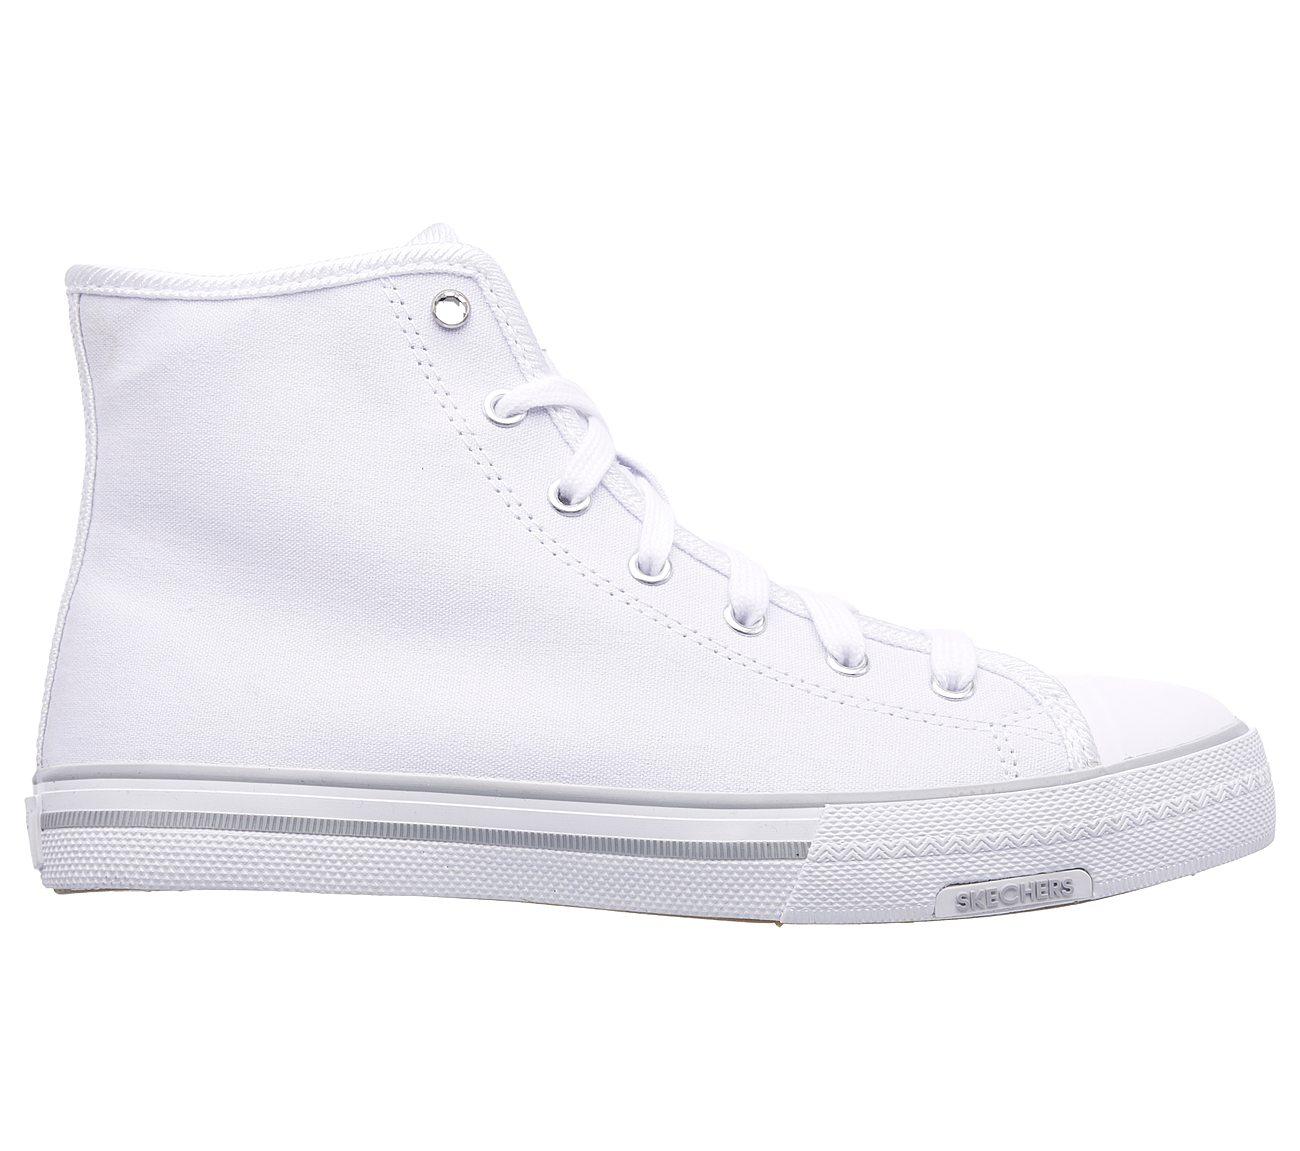 899aa10e1f3 Buy SKECHERS Utopia - Jet Set SKECHER Street Shoes only  35.00